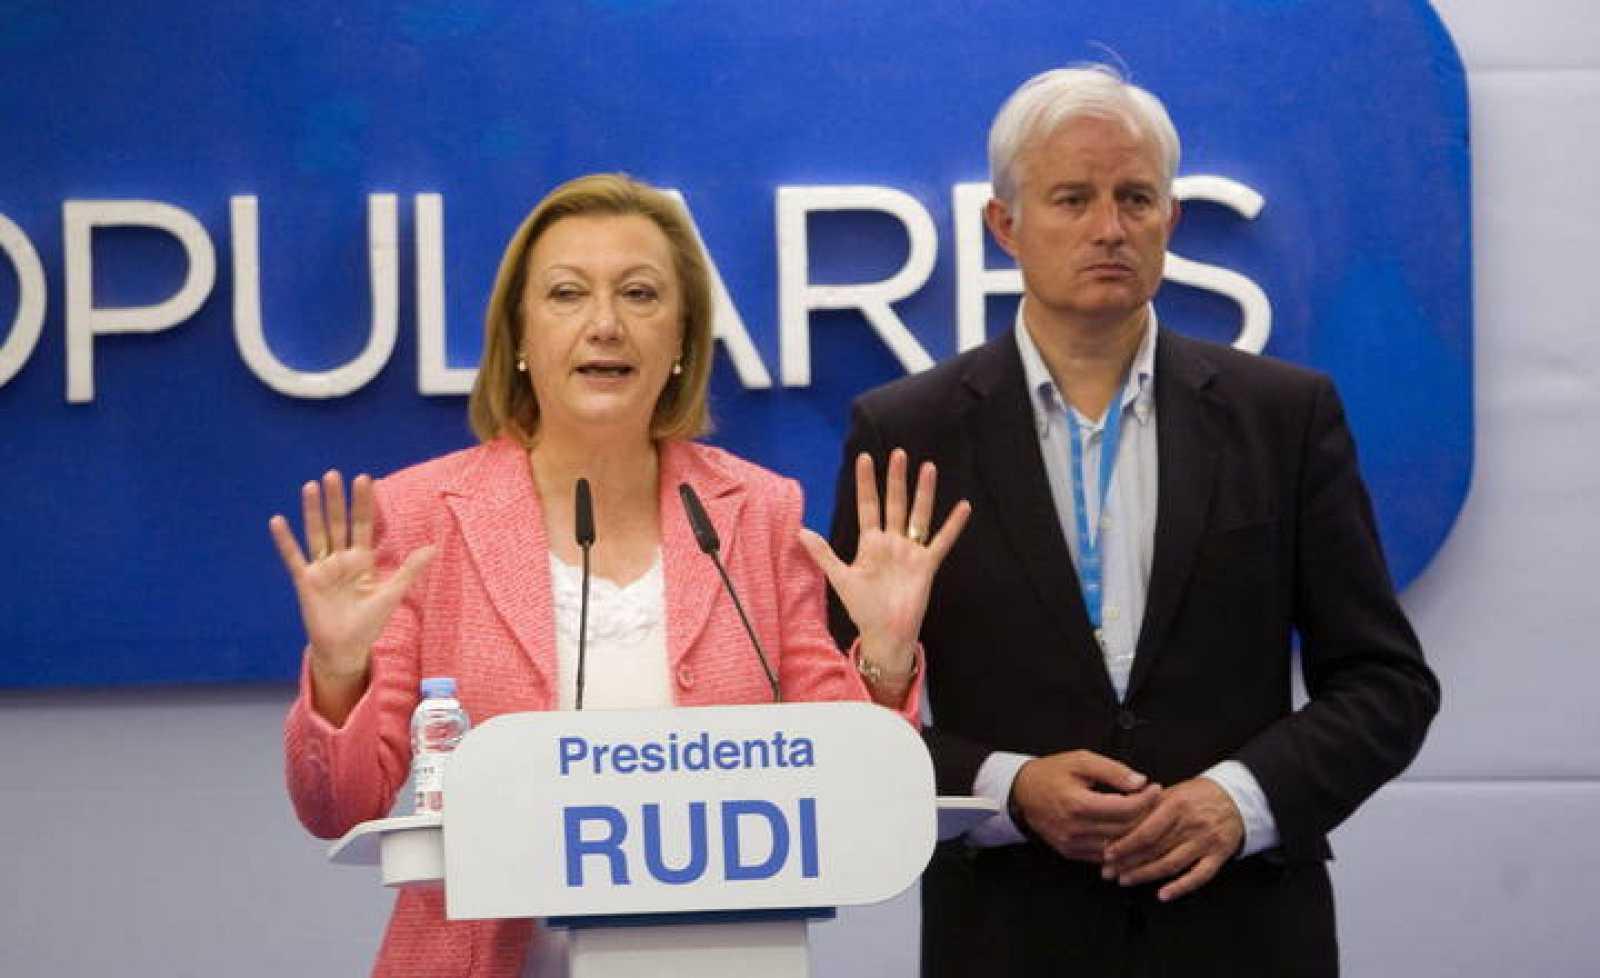 La presidenta de Aragón y candidata a la reelección, Luisa Fernanda Rudi, y el candidato a la alcaldía, Eloy Suárez, comparecen para comentar los resultados electorales.